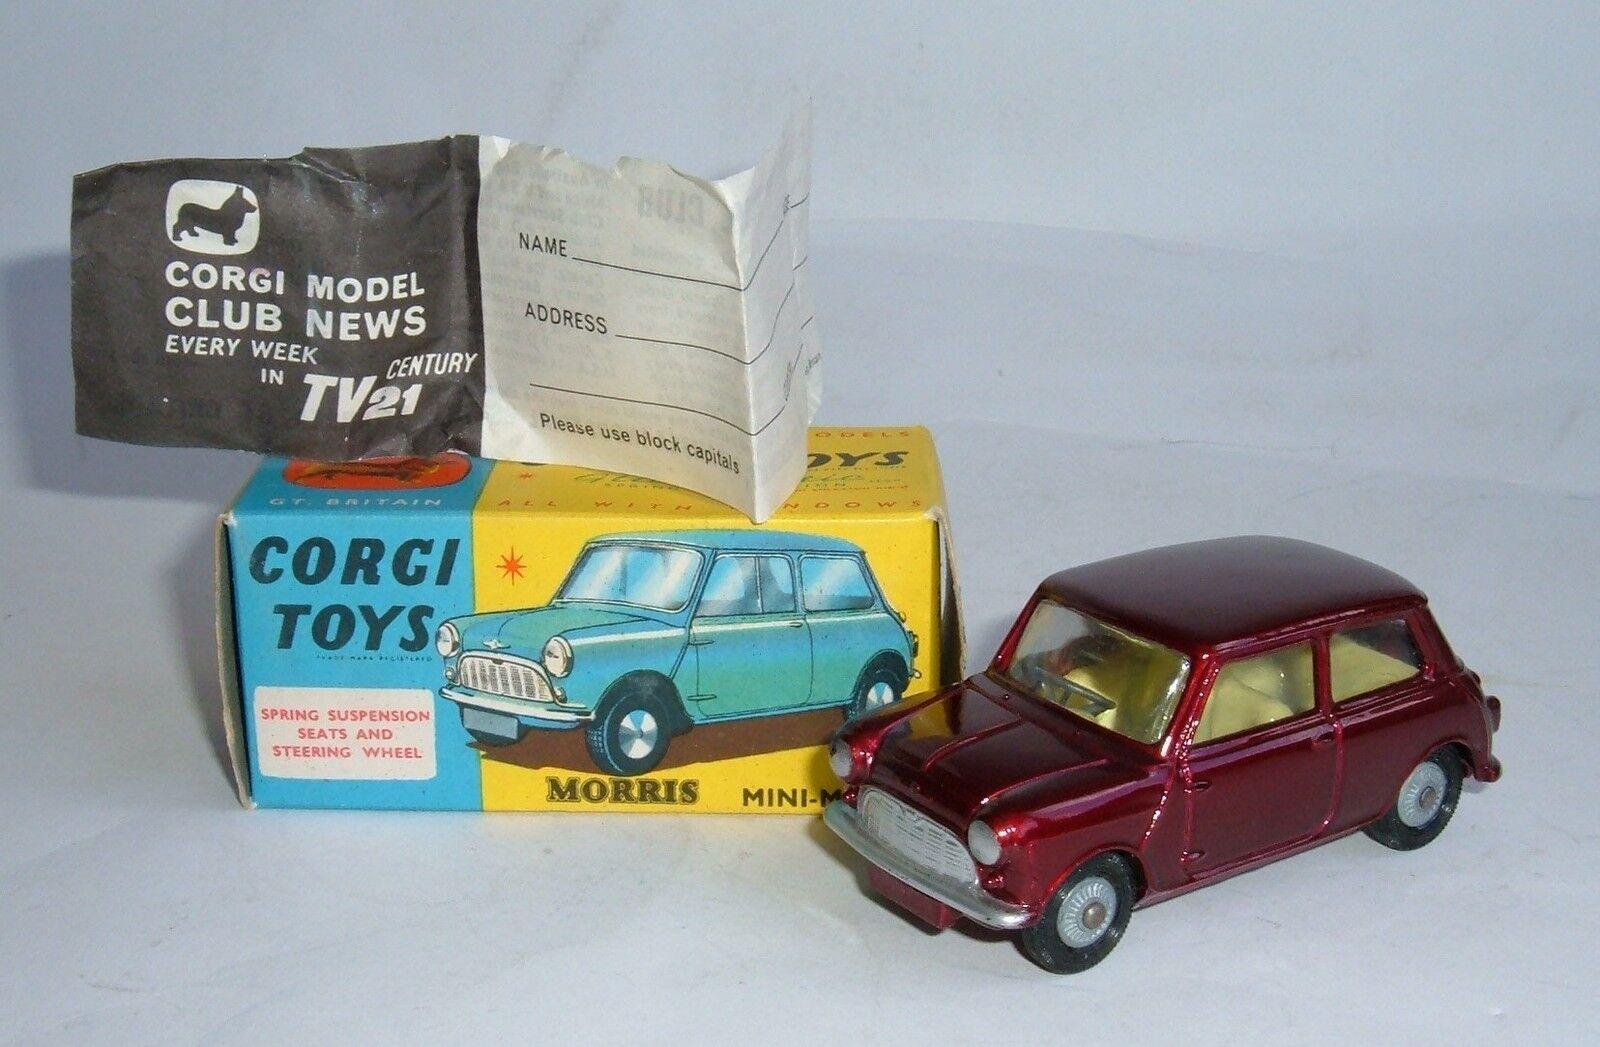 CORGI TOYS Nº 226, Morris Mini-minor, - SUPERBA Quasi Nuovo.